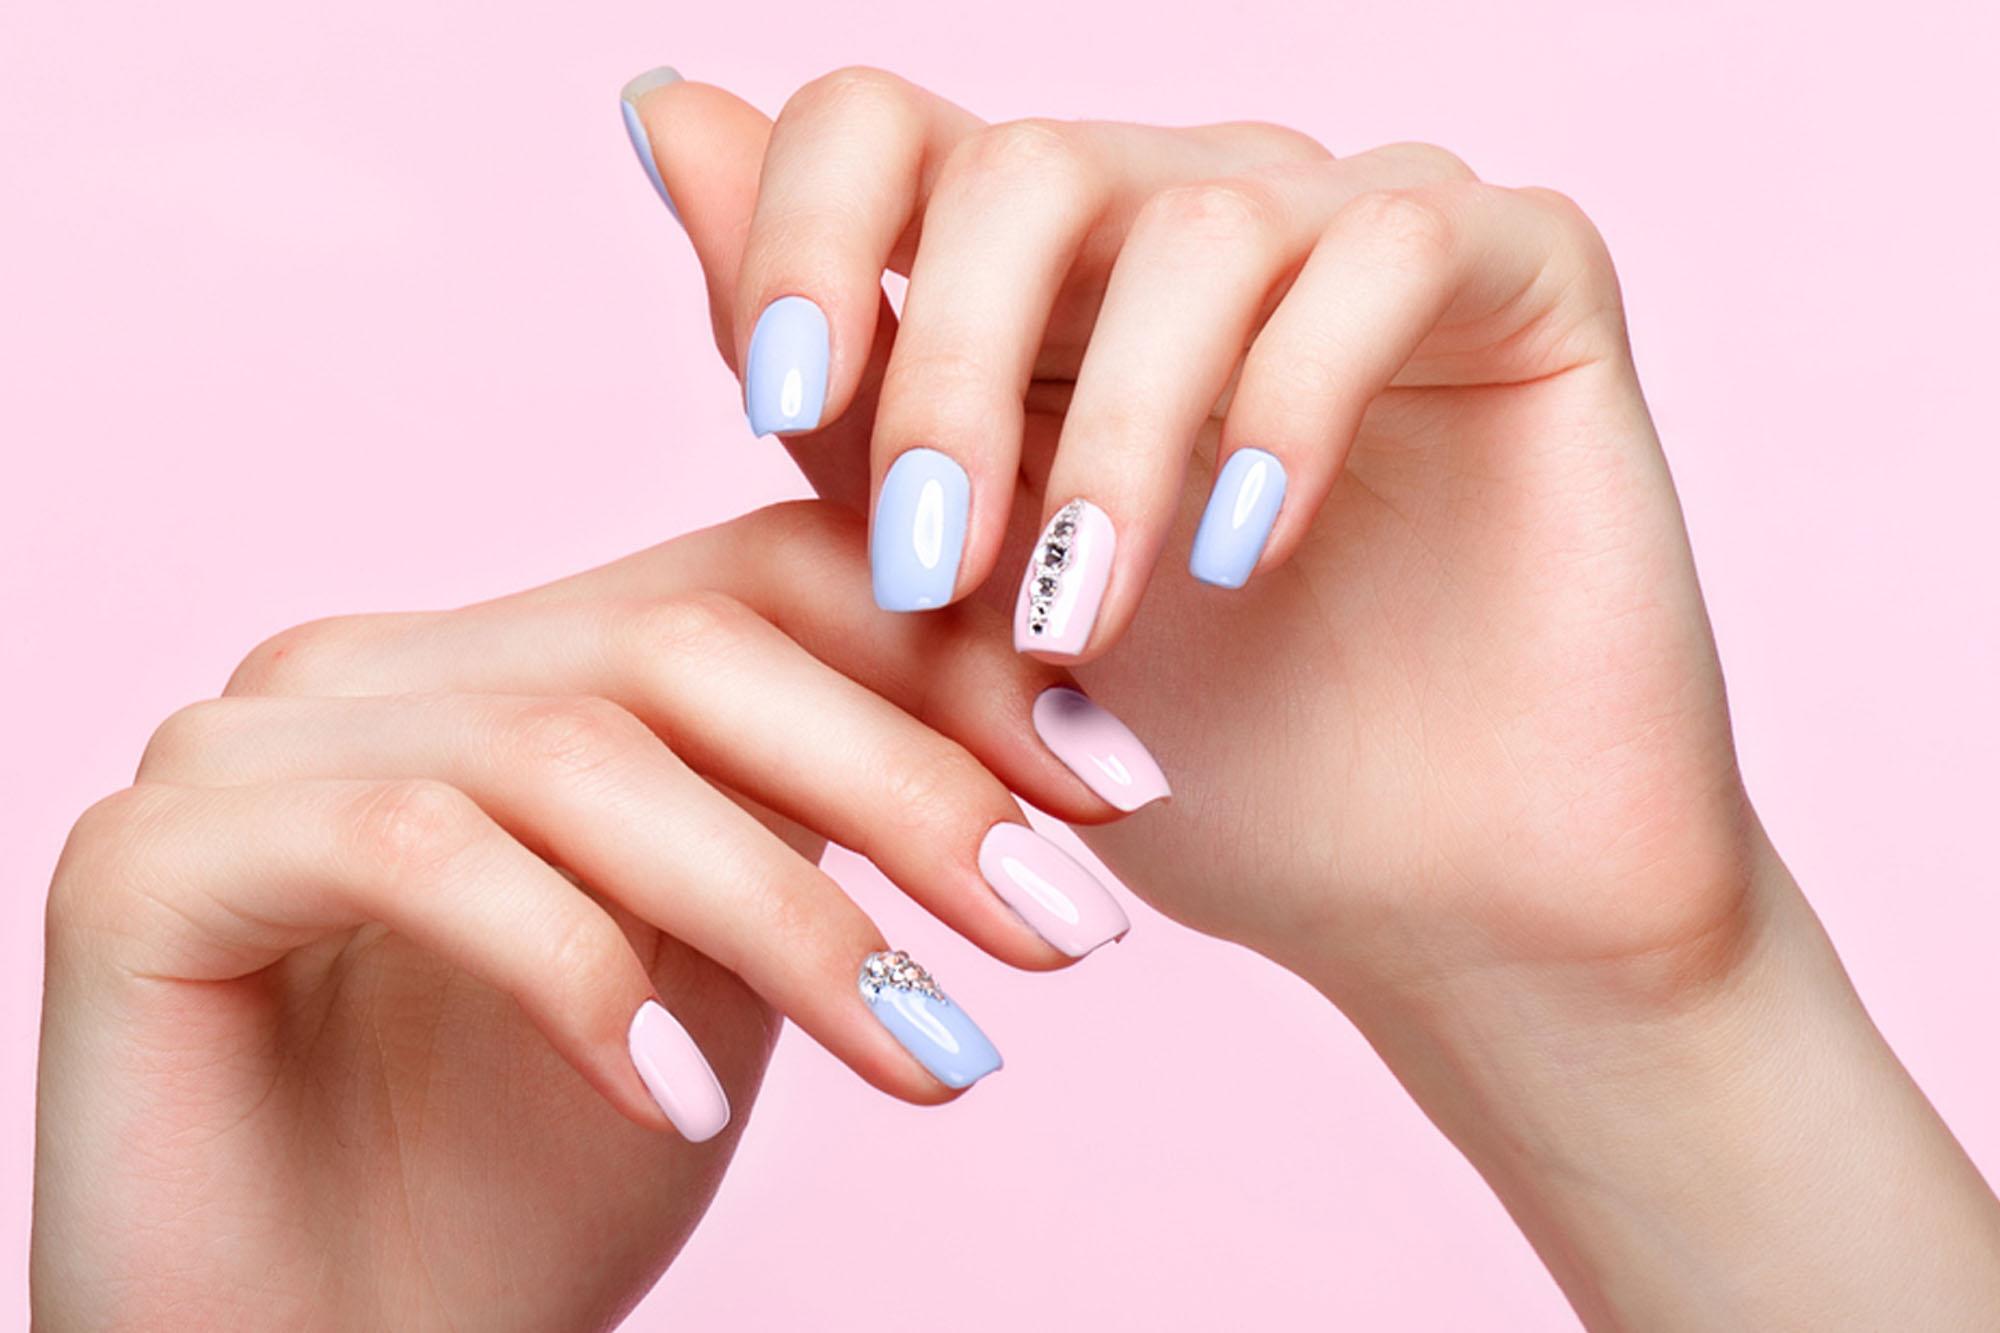 estetista refill nails refil mani unghie piedi